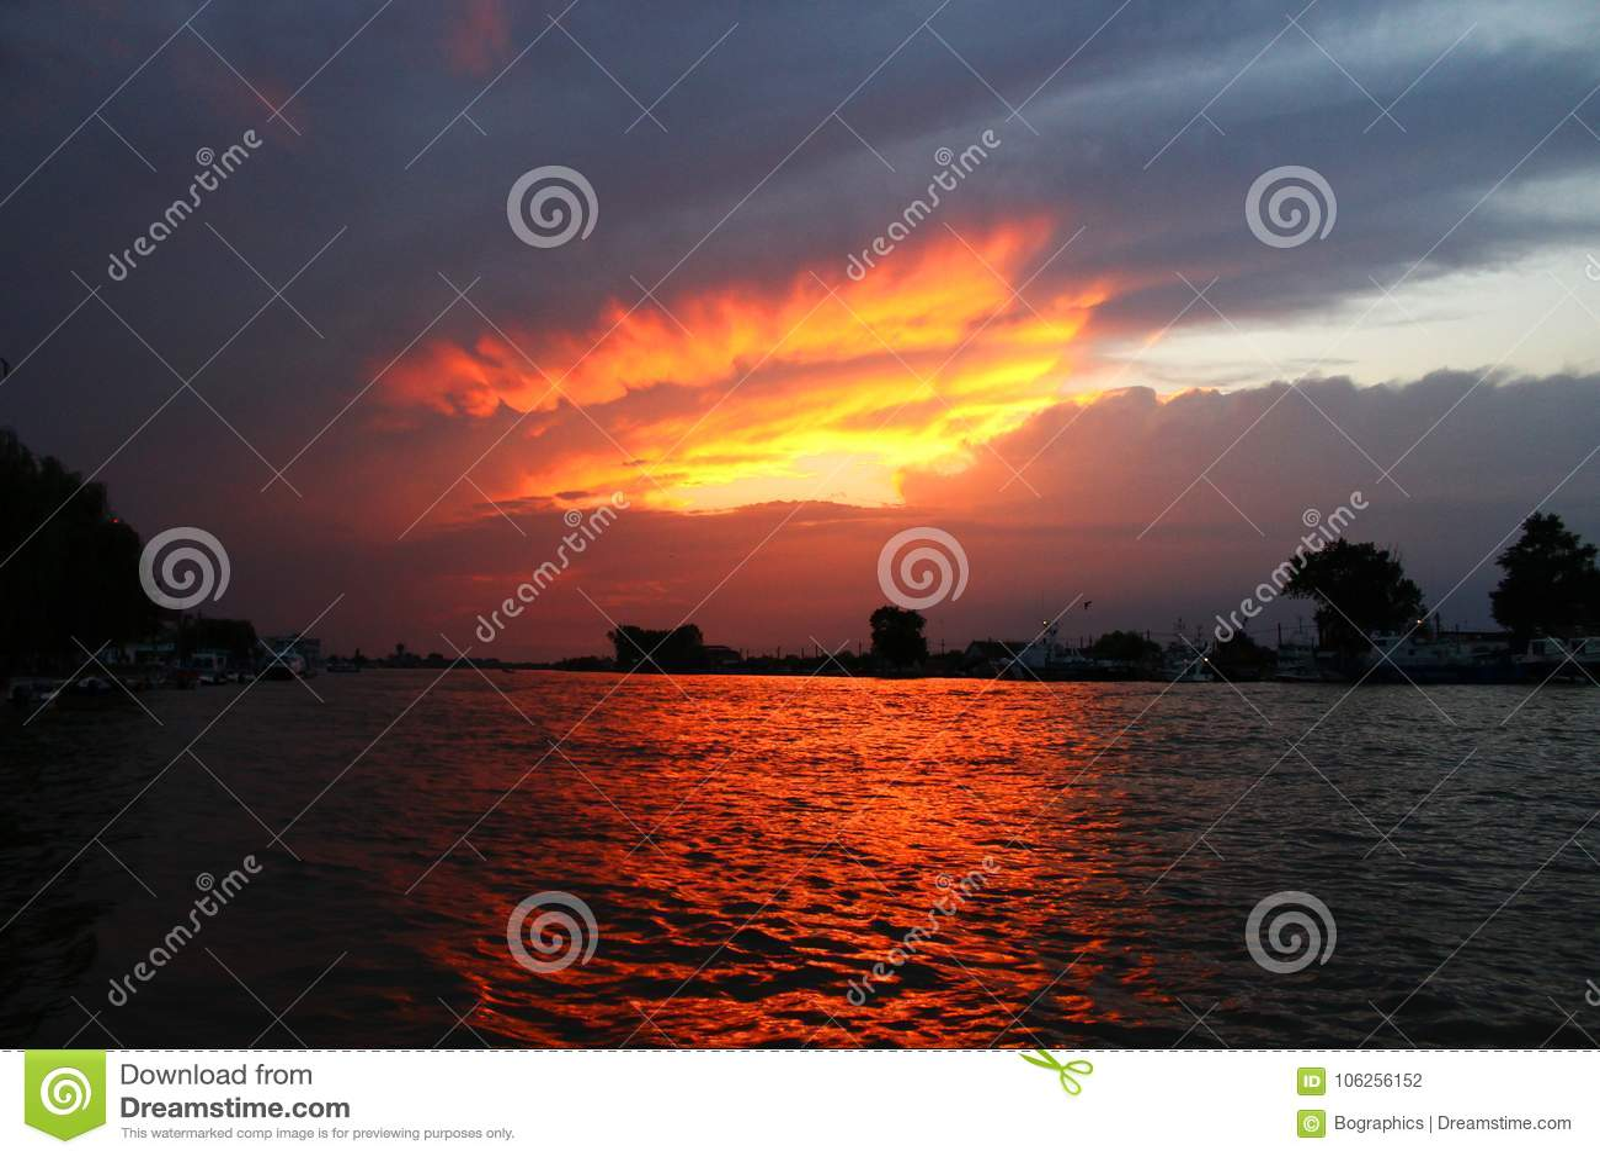 Изумительный оранжевый заход солнца между облаками над водой